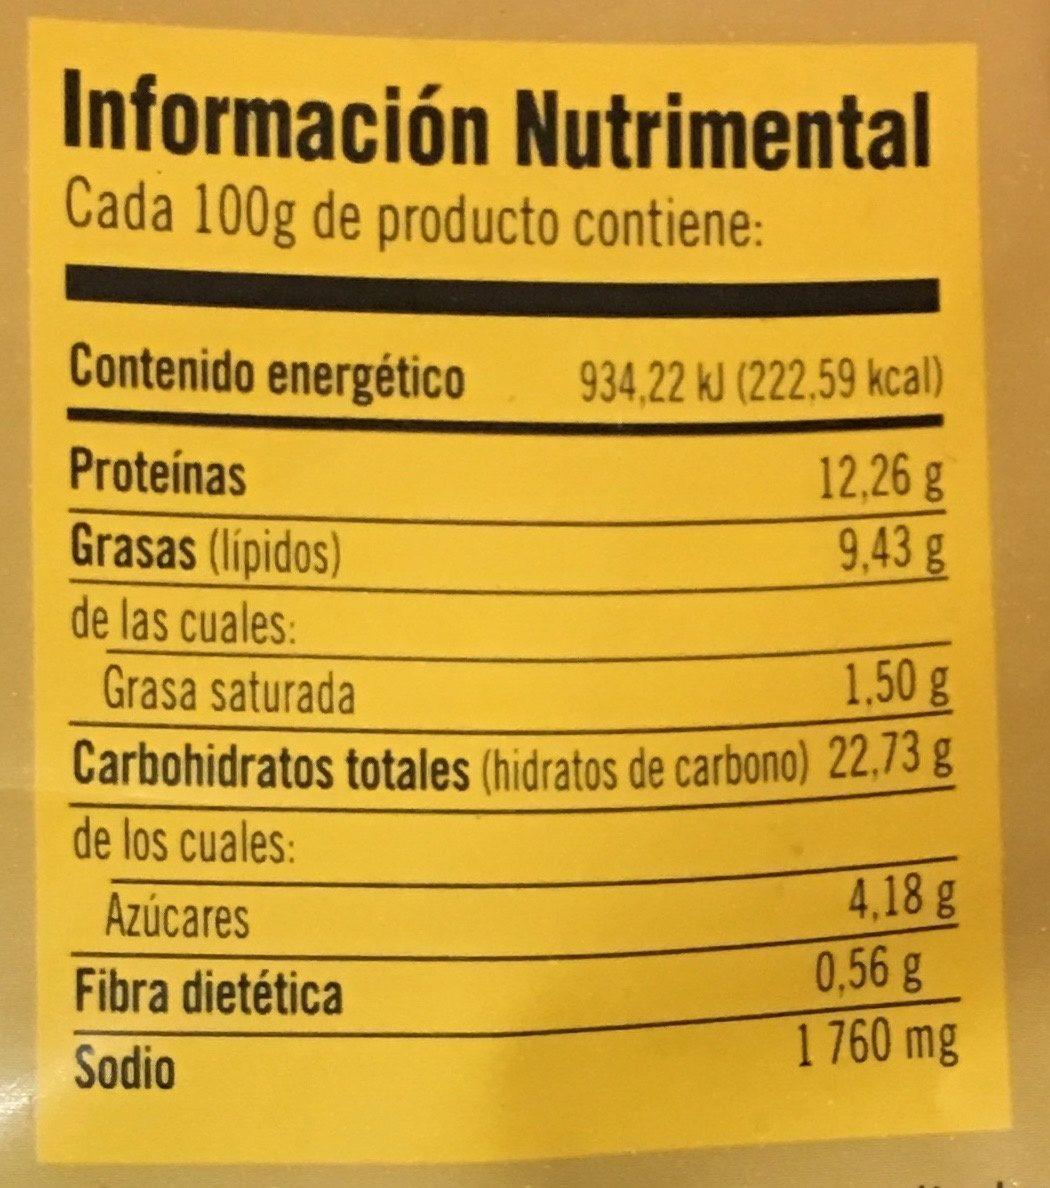 Trozos de Pechuga pimienta limón Bachoco - Información nutricional - es